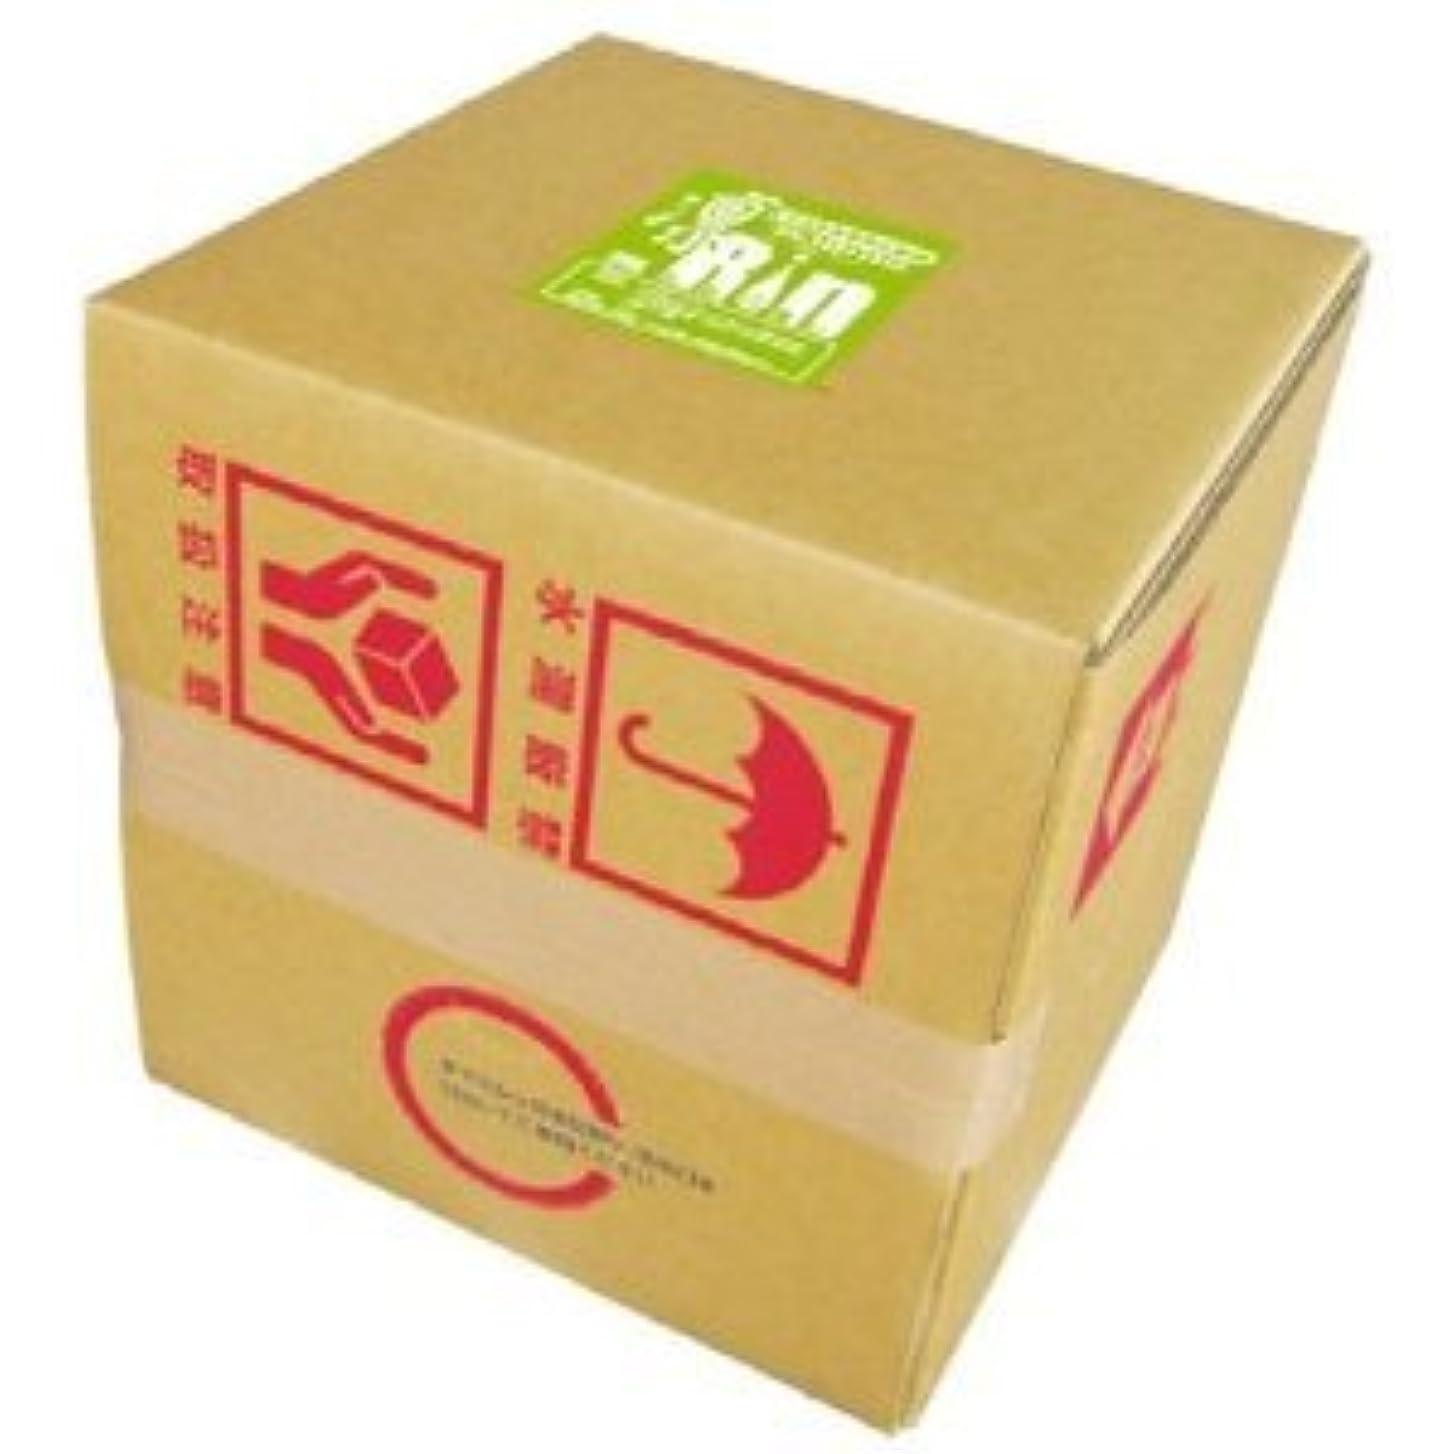 警報マイクロフォン大宇宙くさの葉化粧品 ボディソープ 凛 20リットル 箱